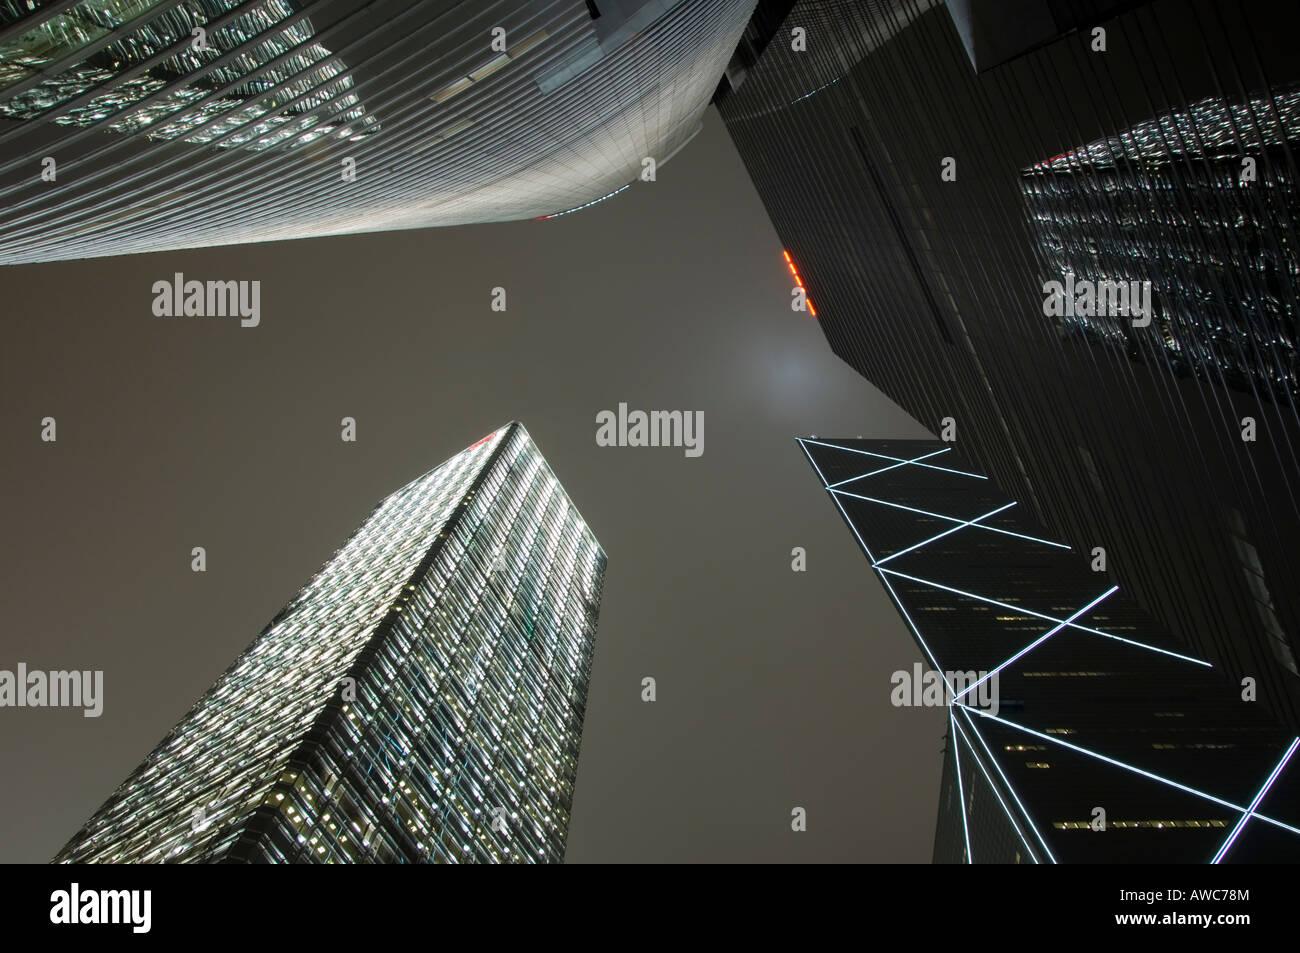 Towering Skyscrapers in Downtown Hong Kong, Hong Kong Island, China, Asia - Stock Image